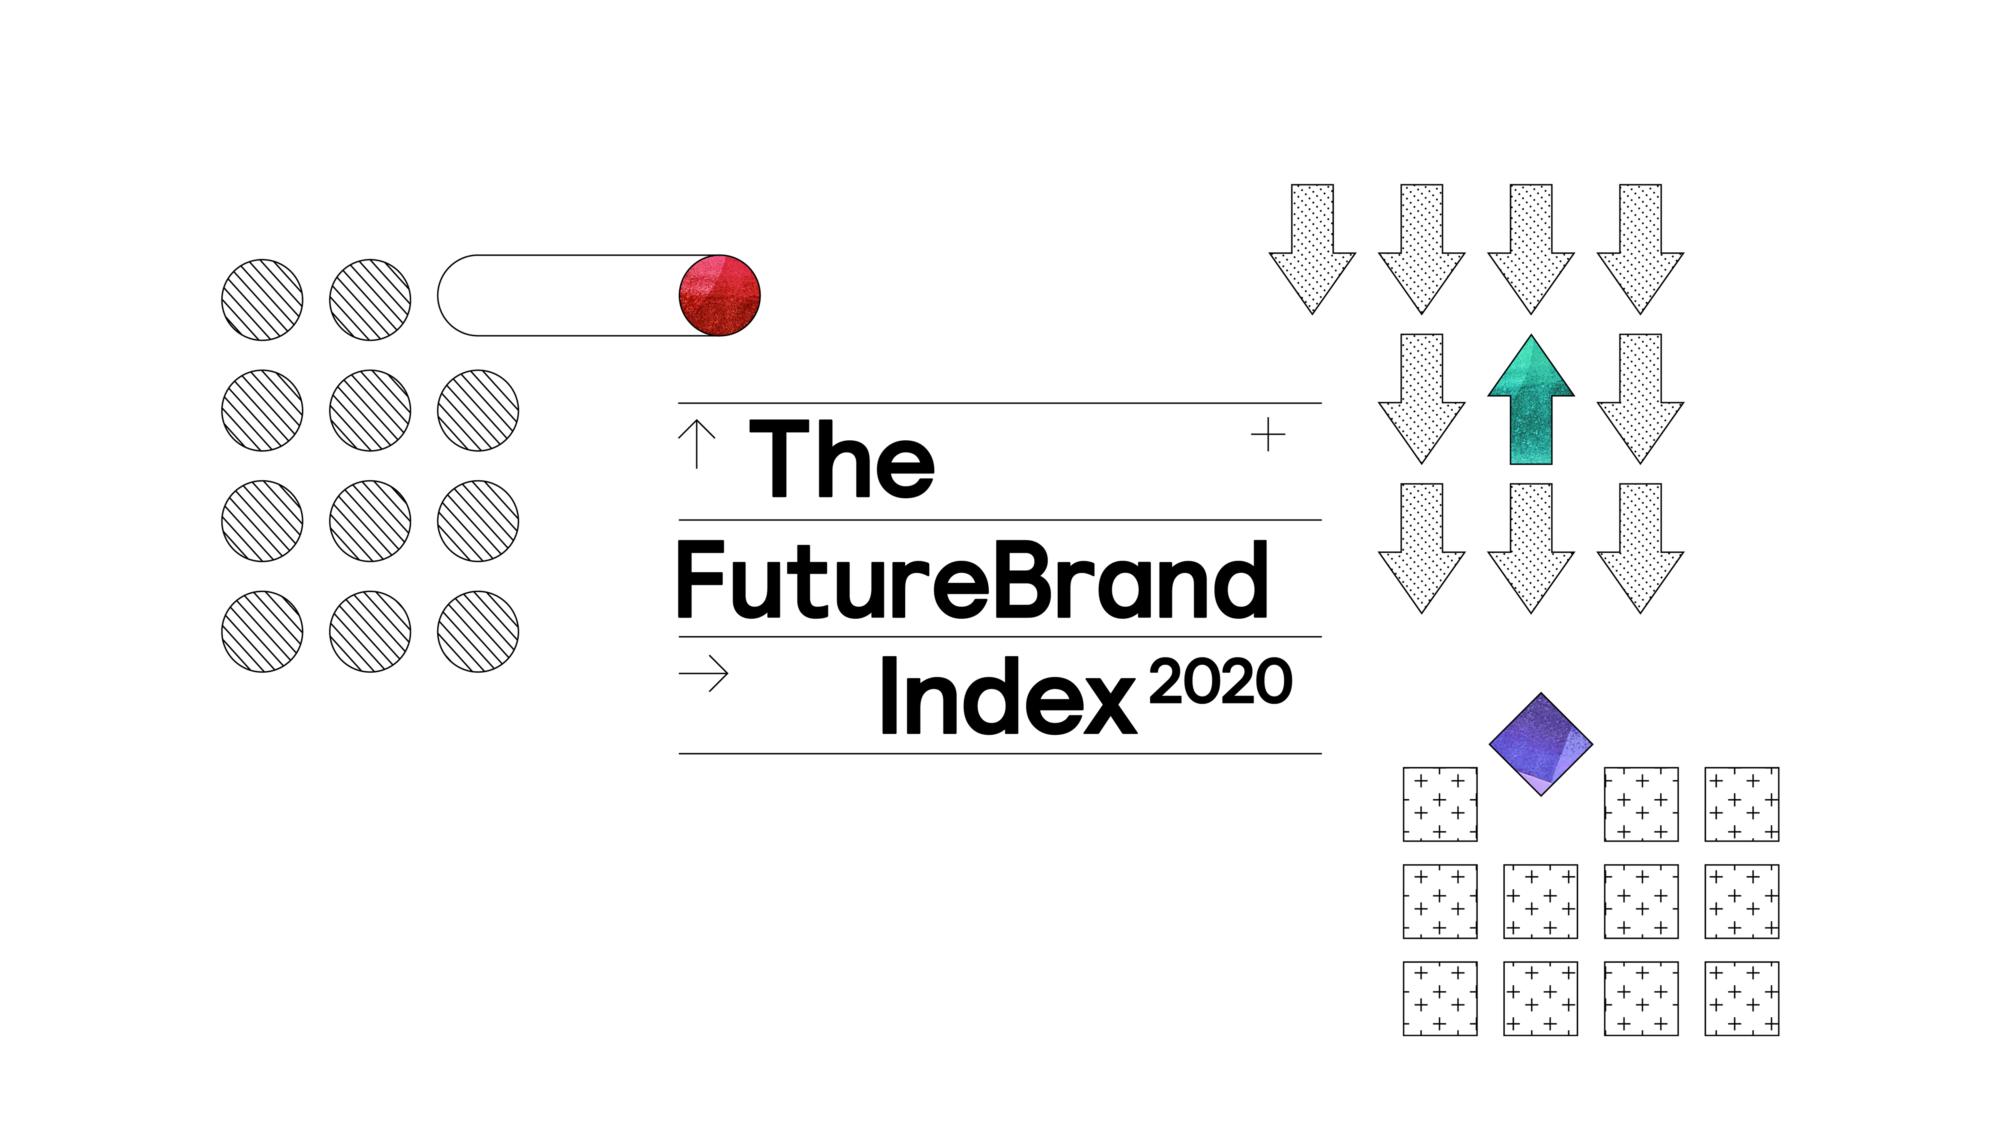 The FutureBrand Index 2020